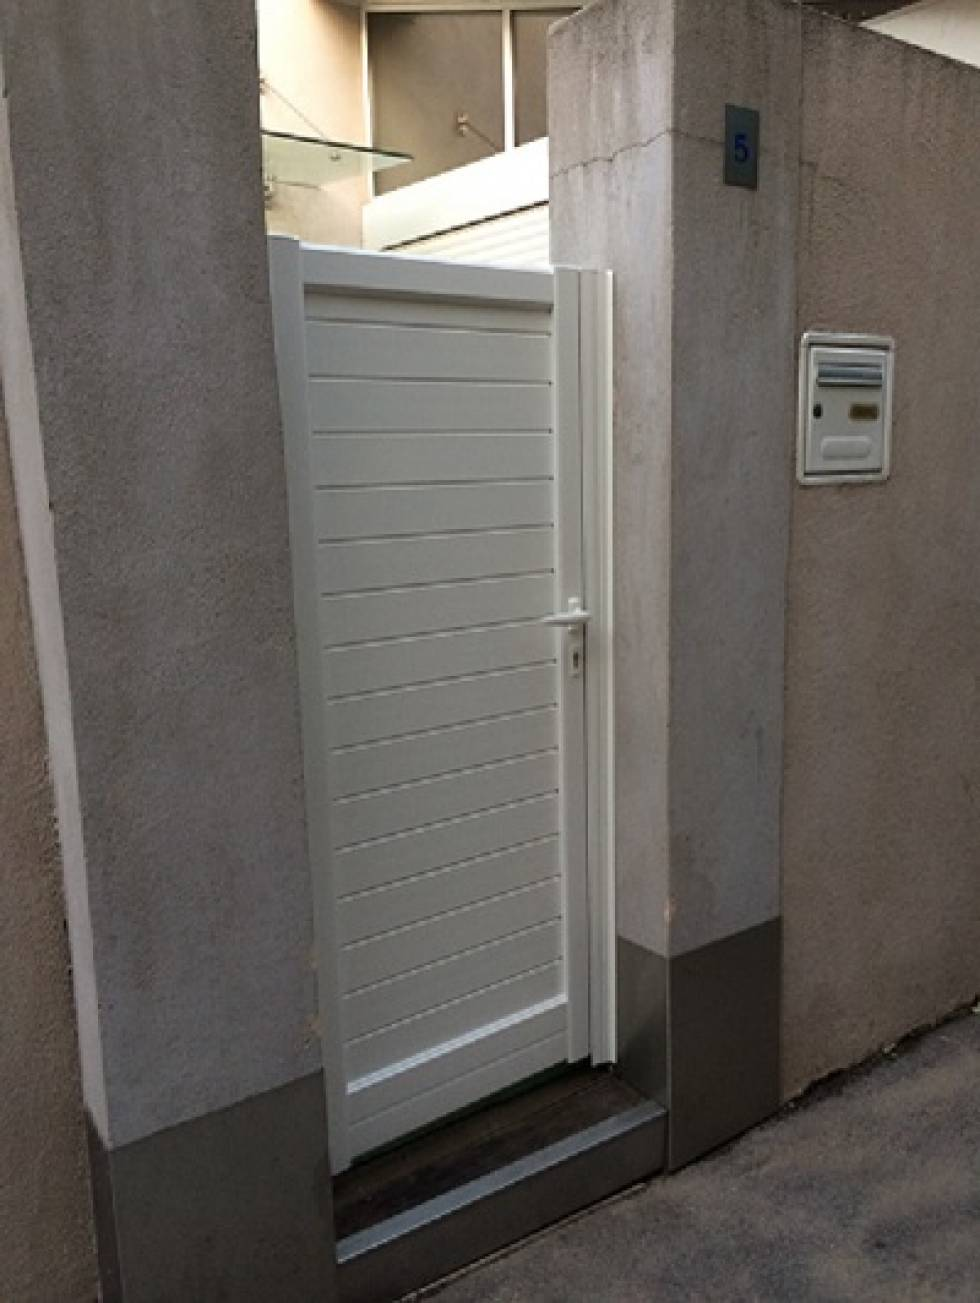 pose de portillon en aluminium laqu blanc martigues nad alu. Black Bedroom Furniture Sets. Home Design Ideas